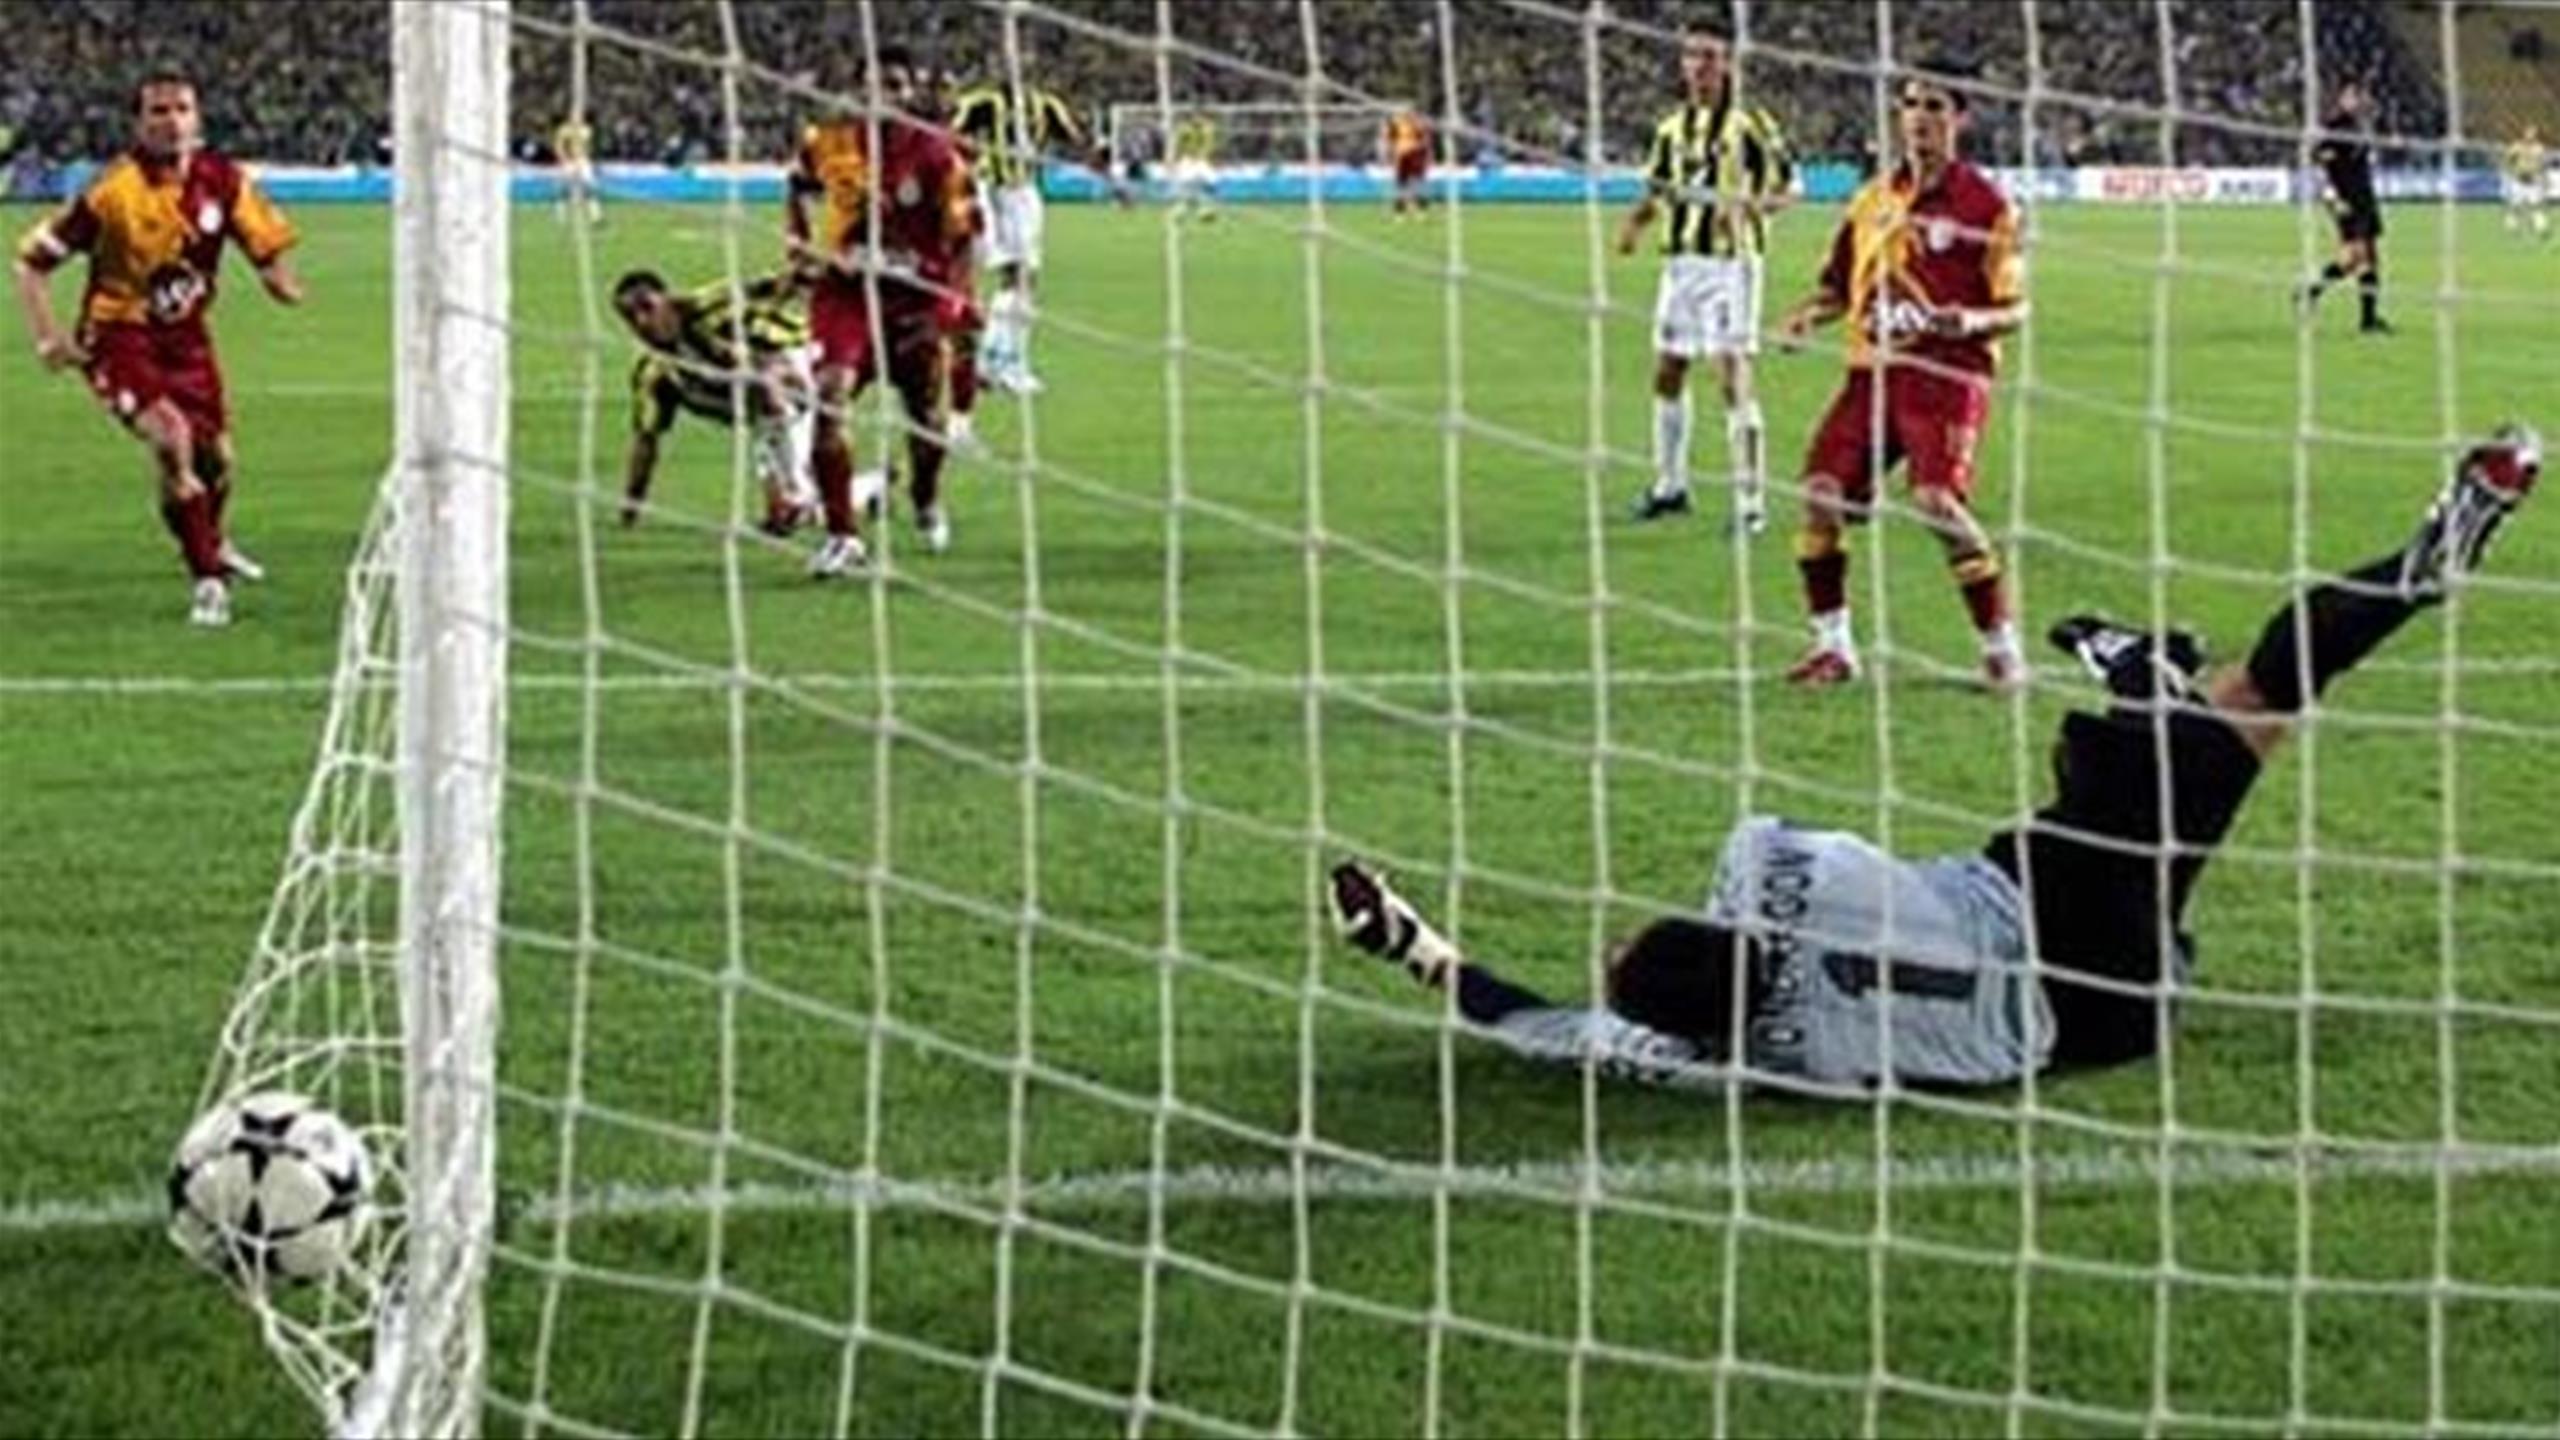 Fenerbahçe'in Kadıköy'de Galatasaray'a Yenilmediği 19 lig maçı 8